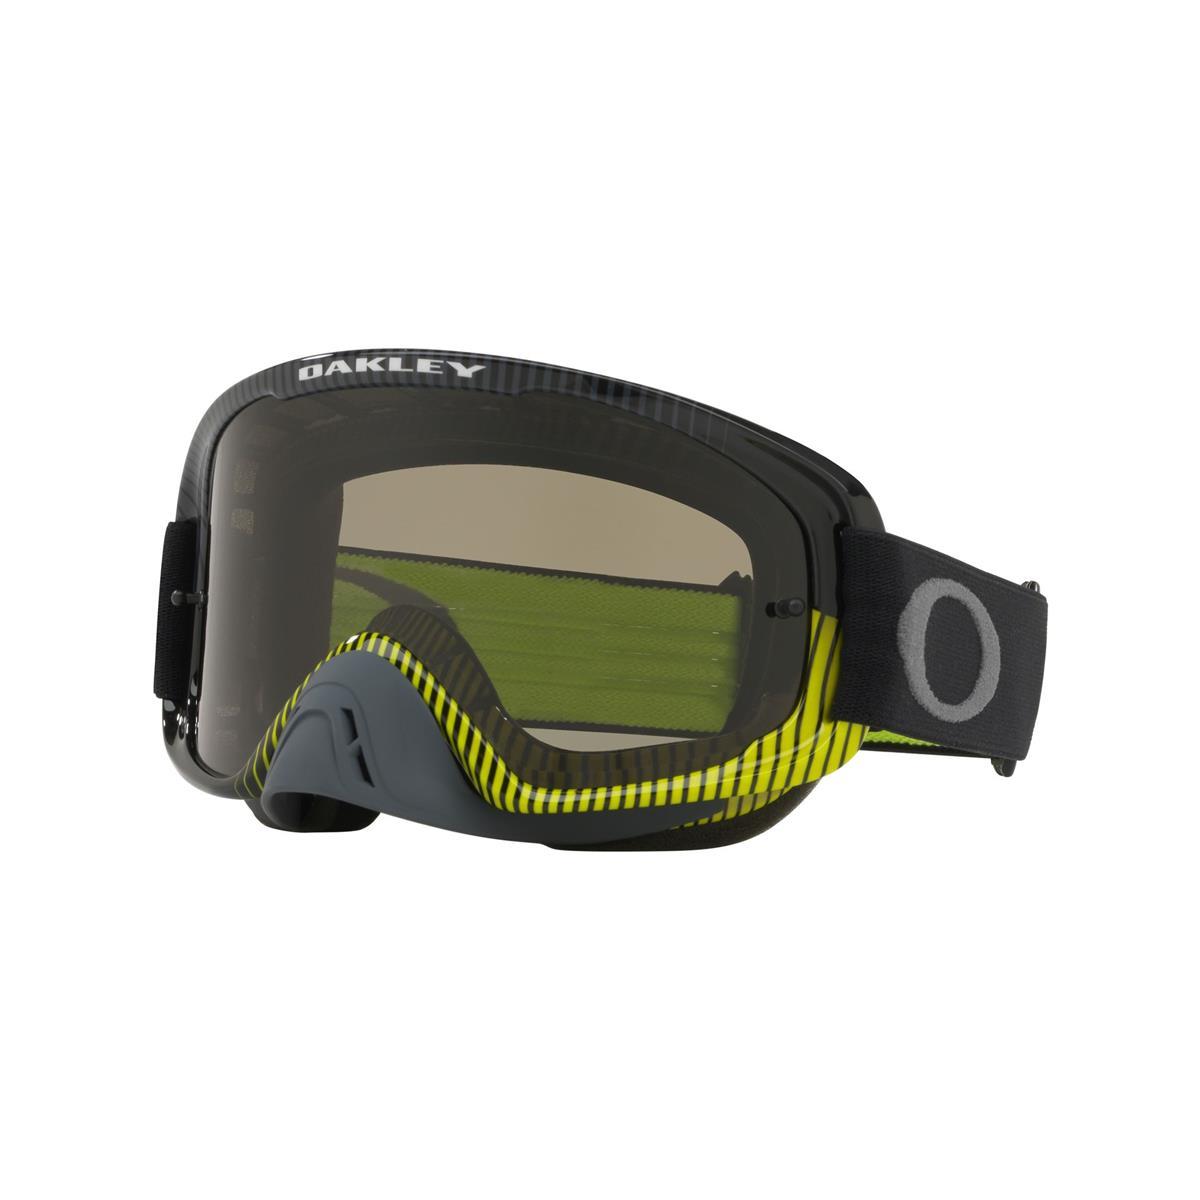 Oakley Crossbrille O Frame 2.0 MX Sand - Frequency Gunmetal Grün - Dunkelgrau